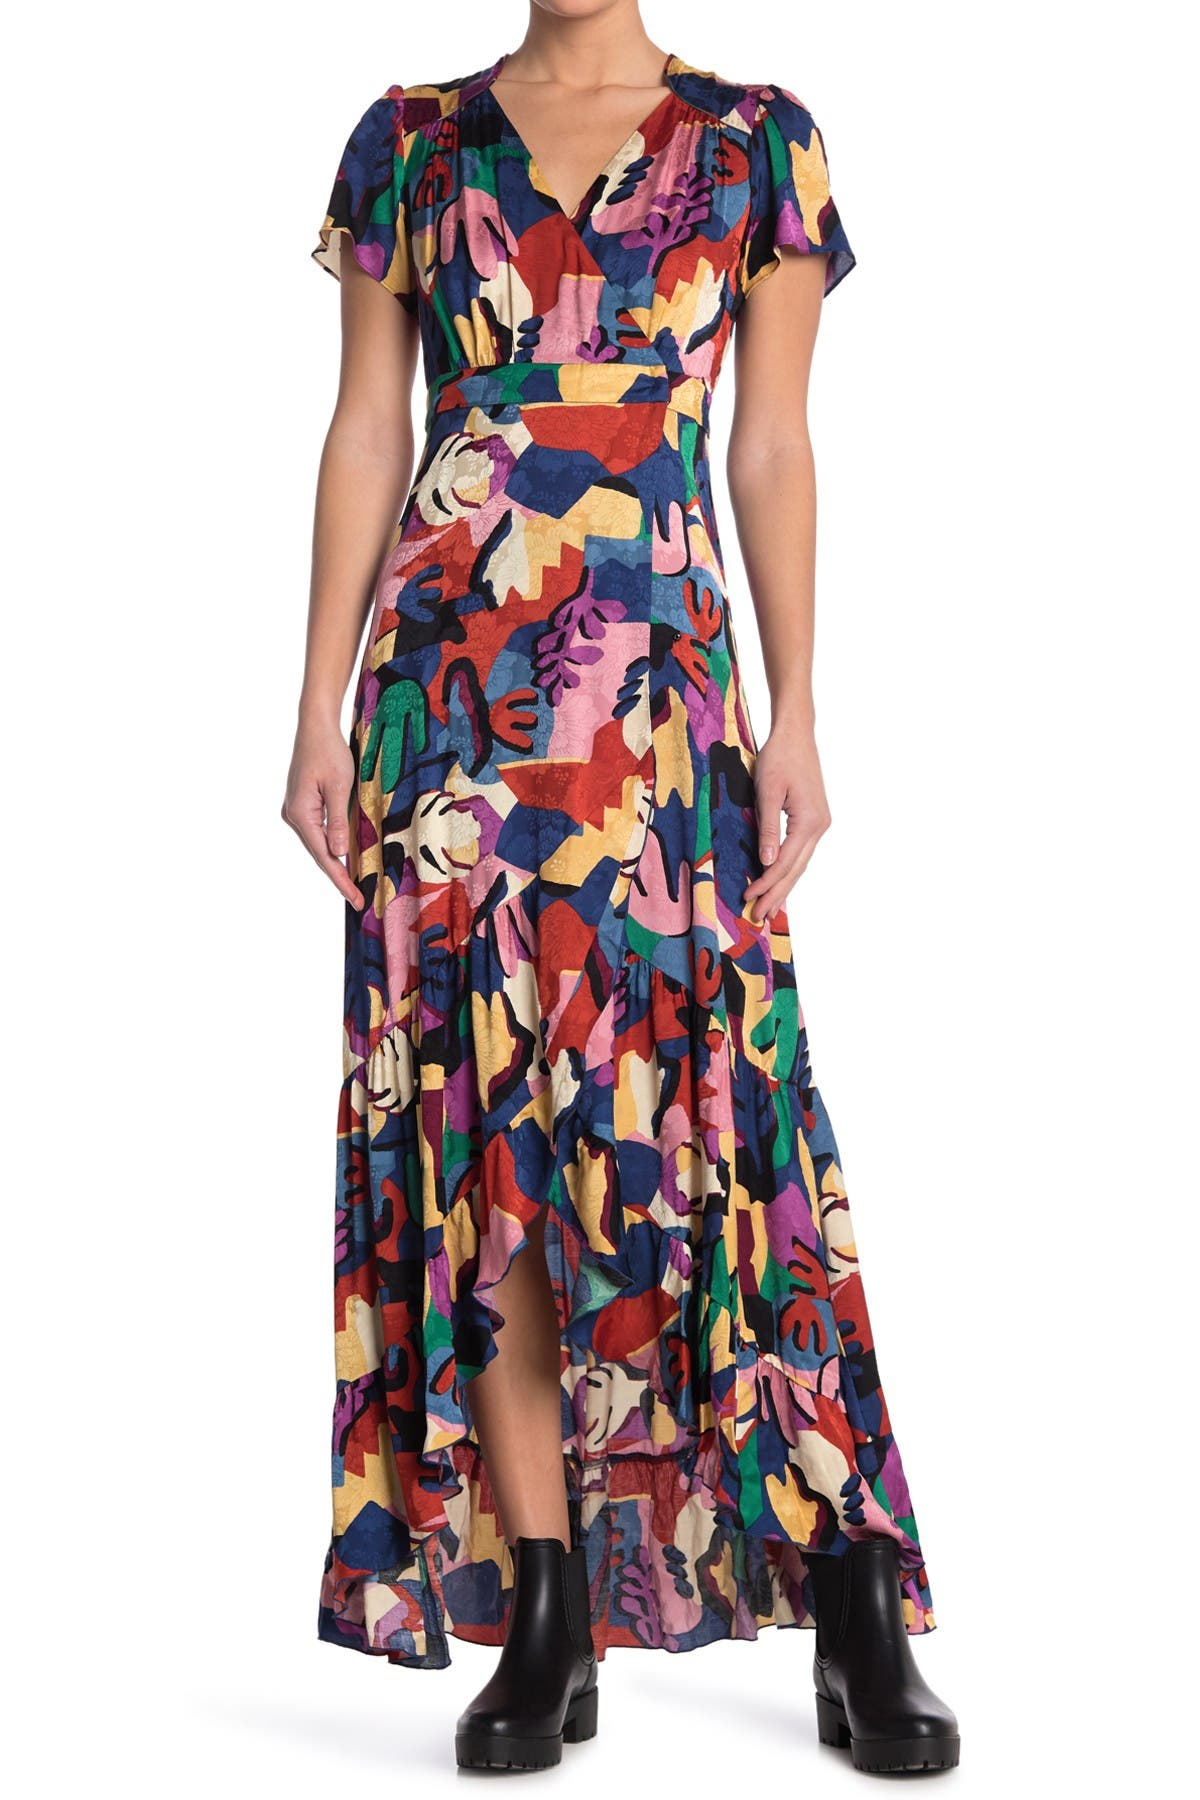 Image of ba&sh Miss Printed Maxi Dress